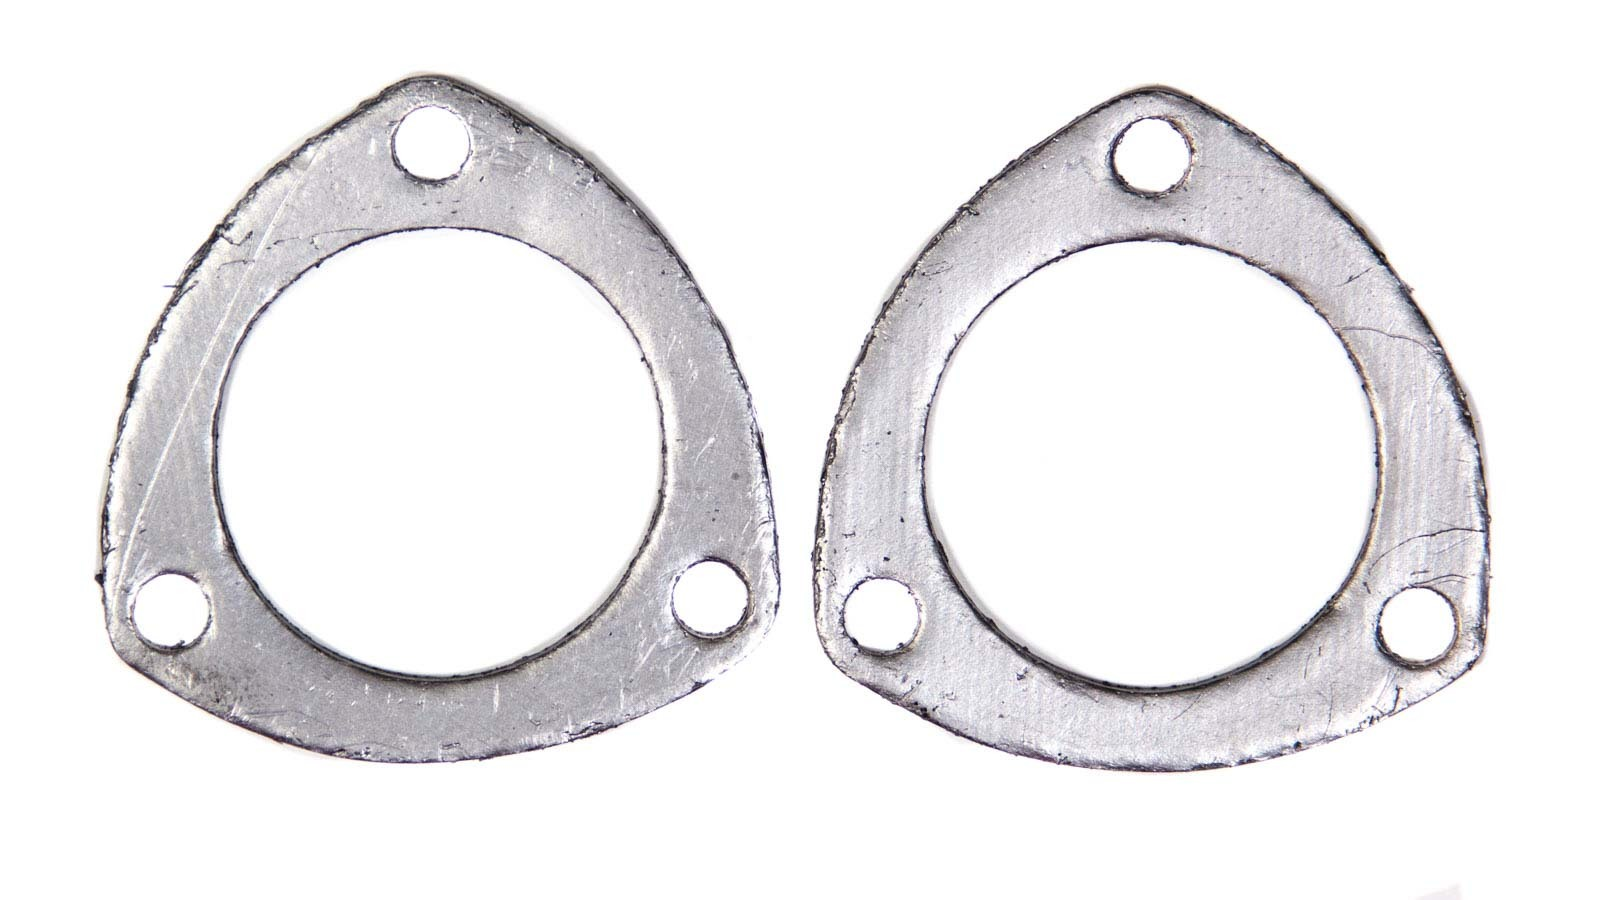 Remflex Exhaust Gaskets 8001 Collector Gasket, 2-1/2 in Diameter, 3-Bolt, Graphite, Pair